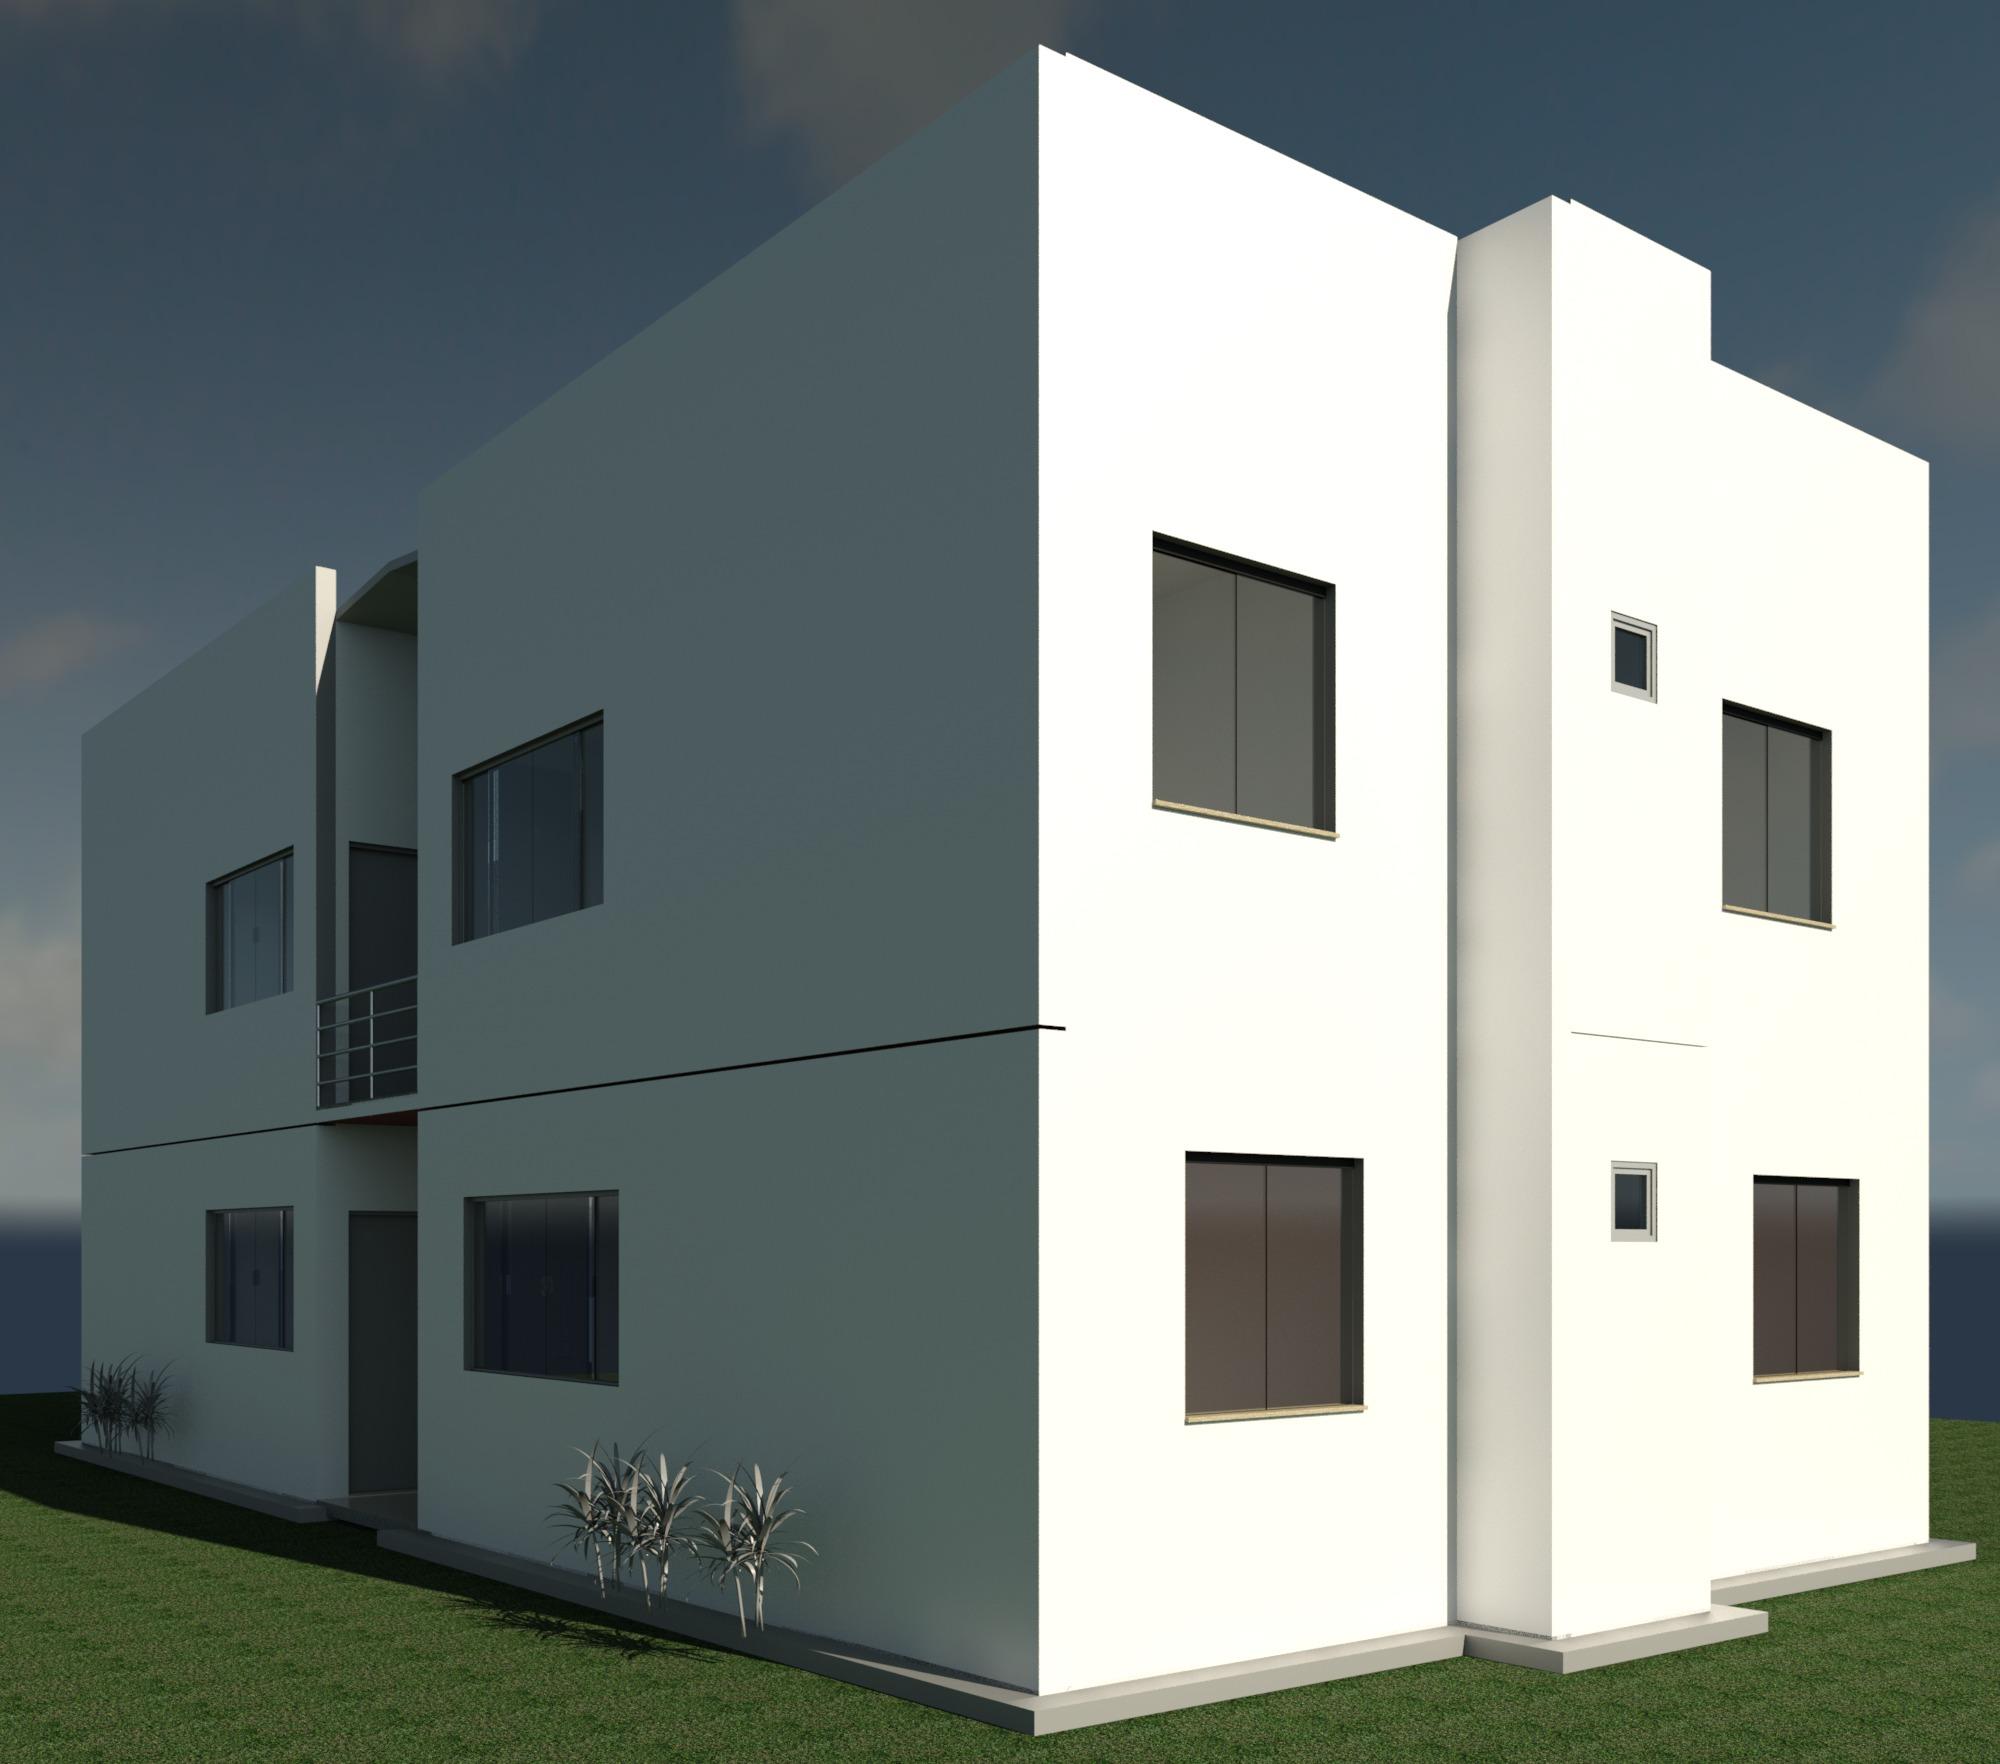 Raas-rendering20140910-1168-1nowfct